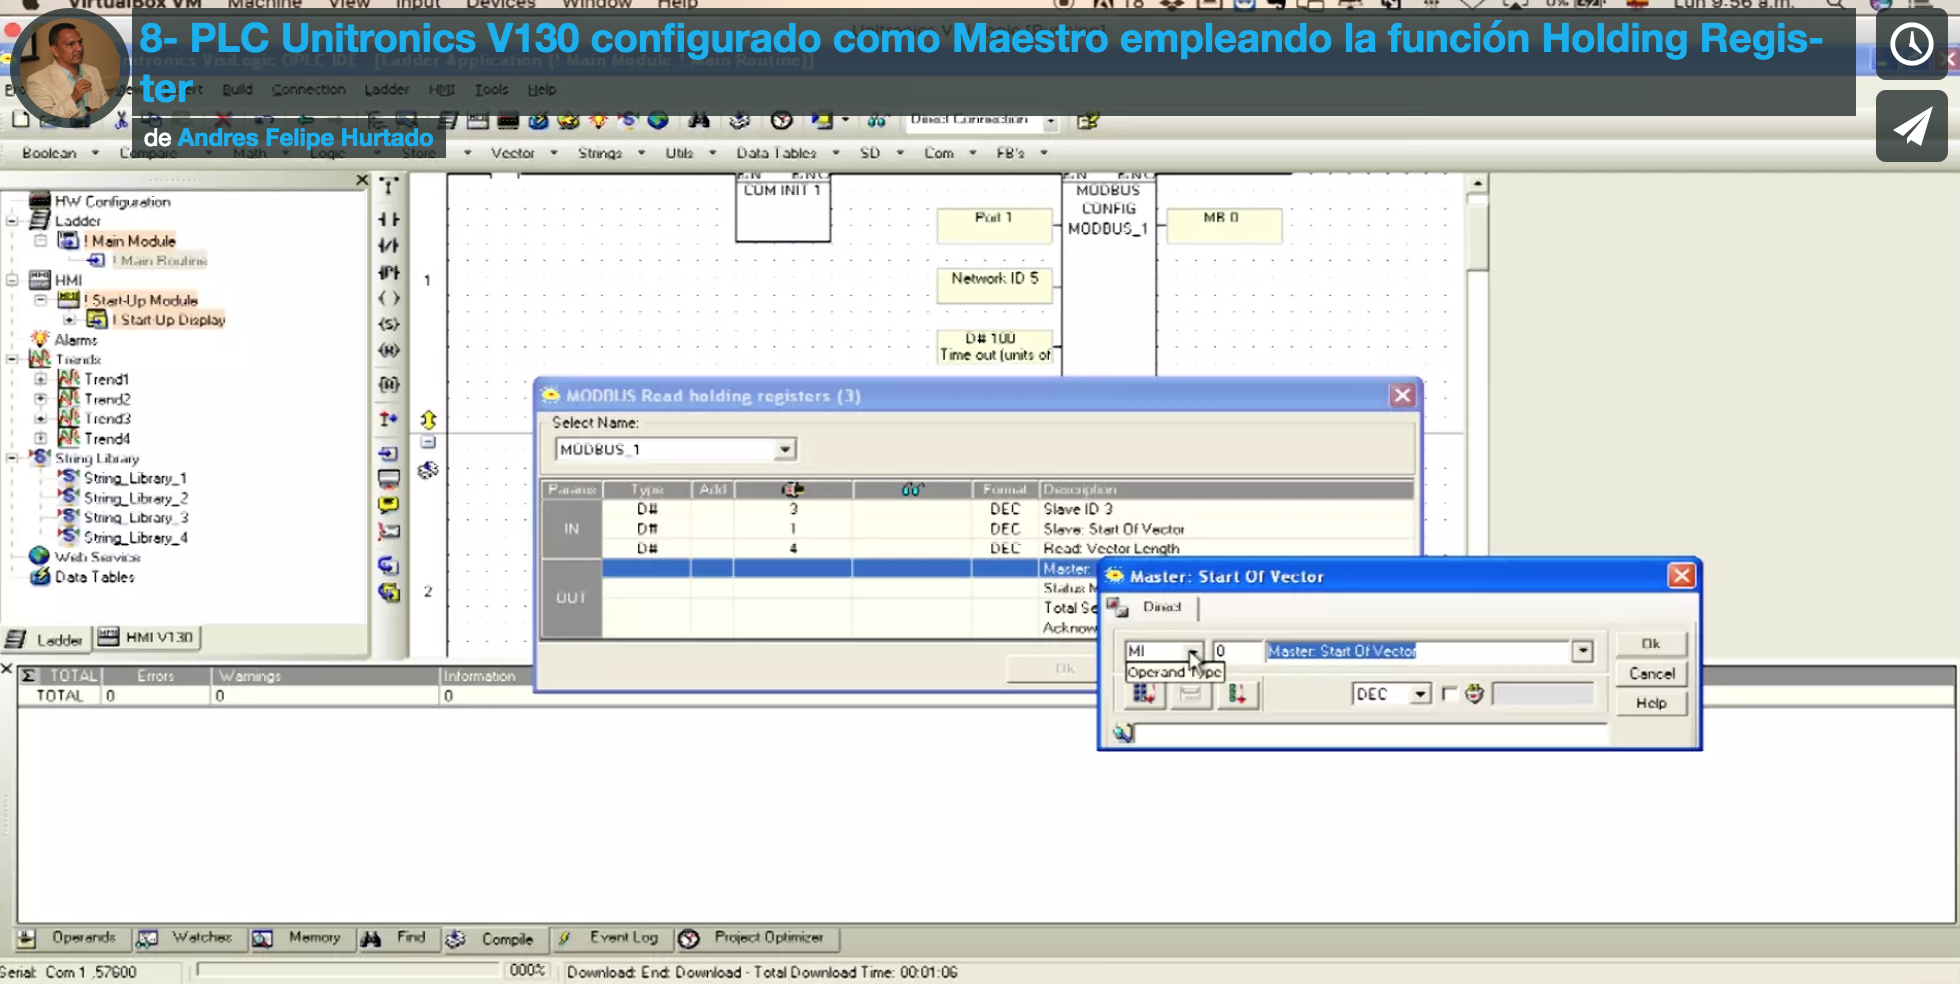 portada video 8 - curso modbus en vision 130-plataforma de cursos eeymuc